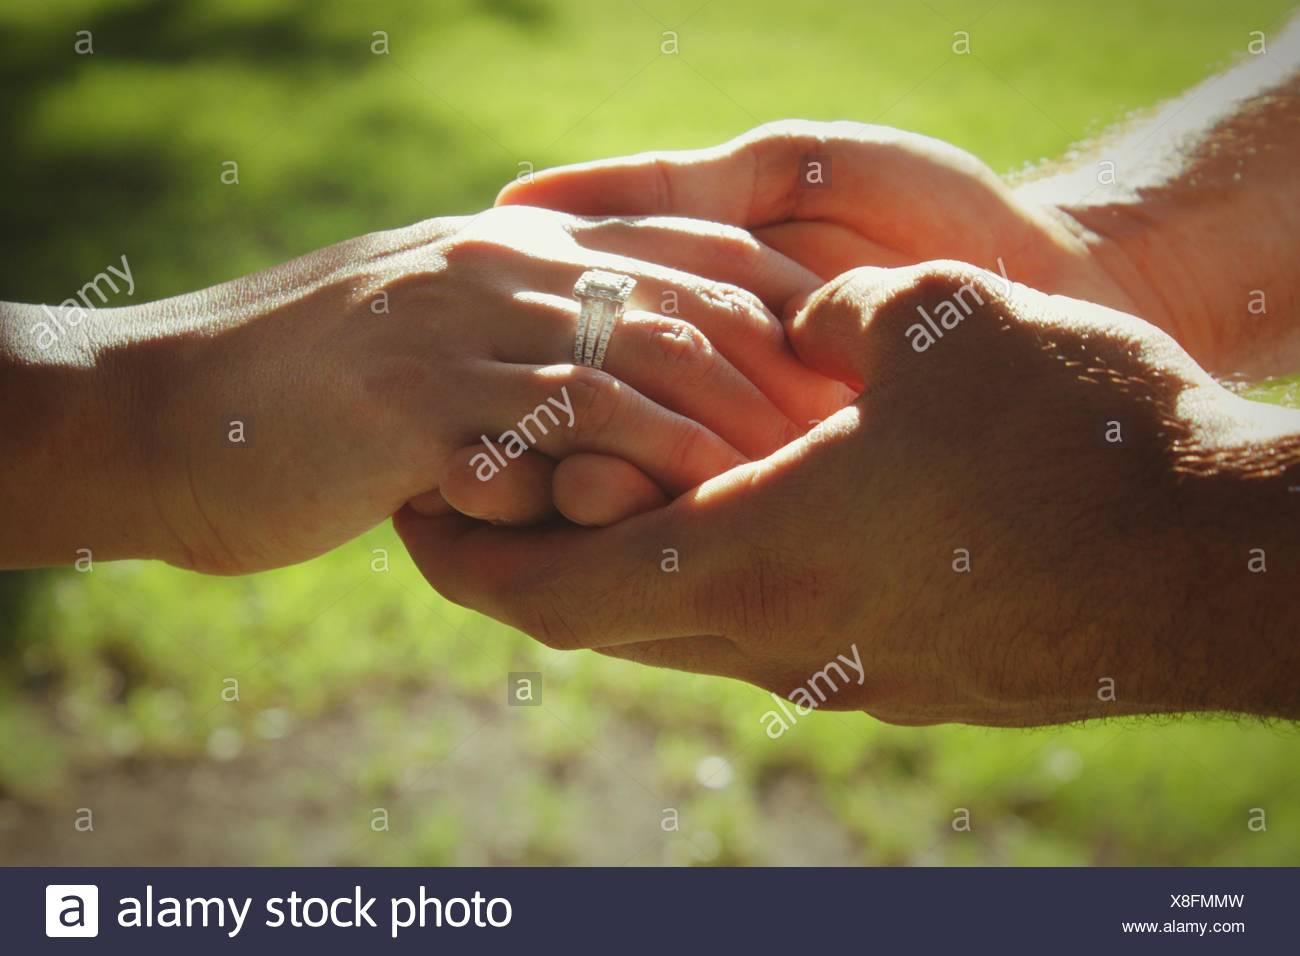 Immagine ritagliata della giovane Holding Hands Immagini Stock